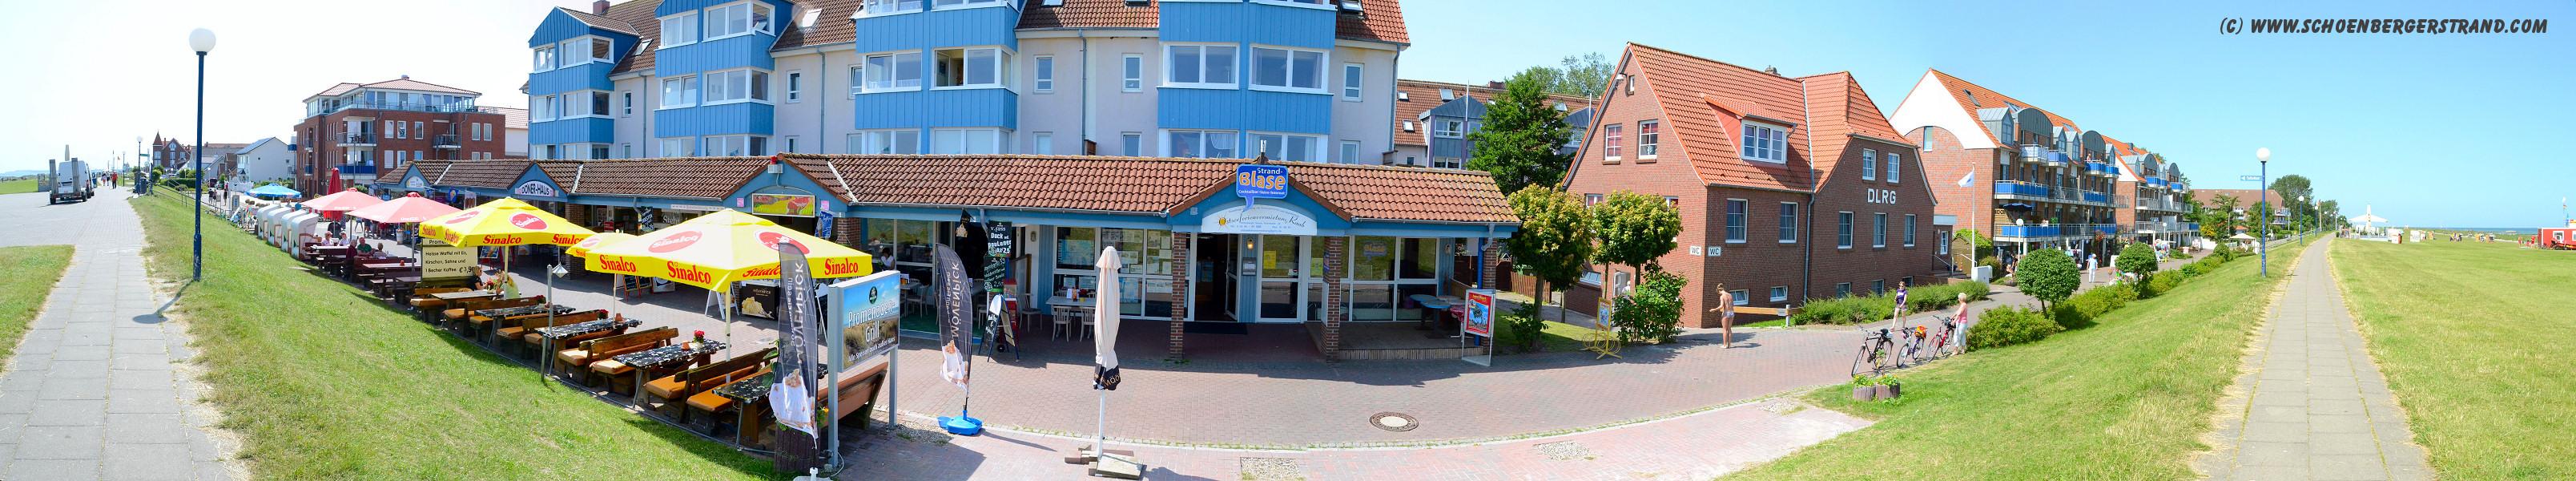 Ladenzeile an der Seebrücke Schönberger Strand II